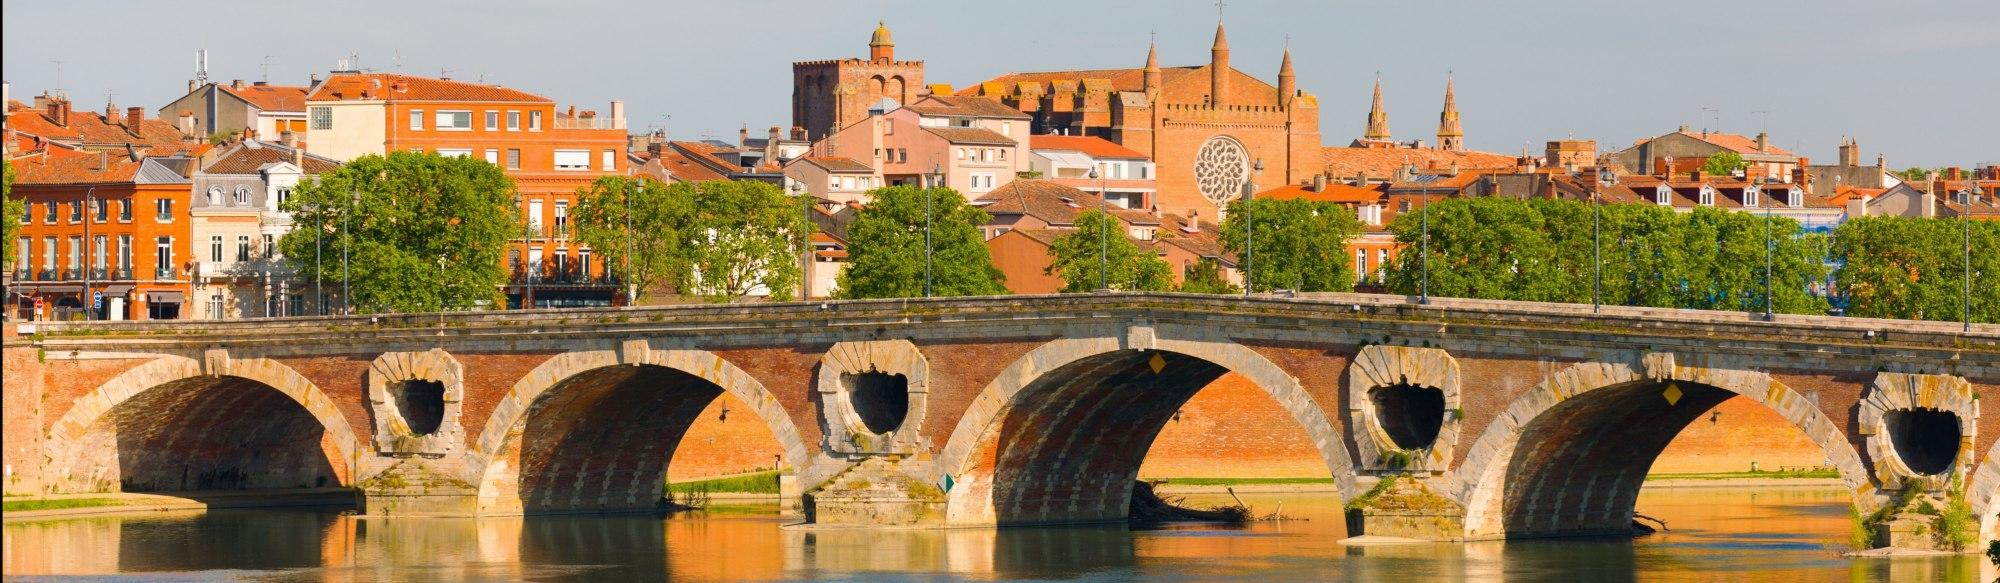 Visuel de Toulouse